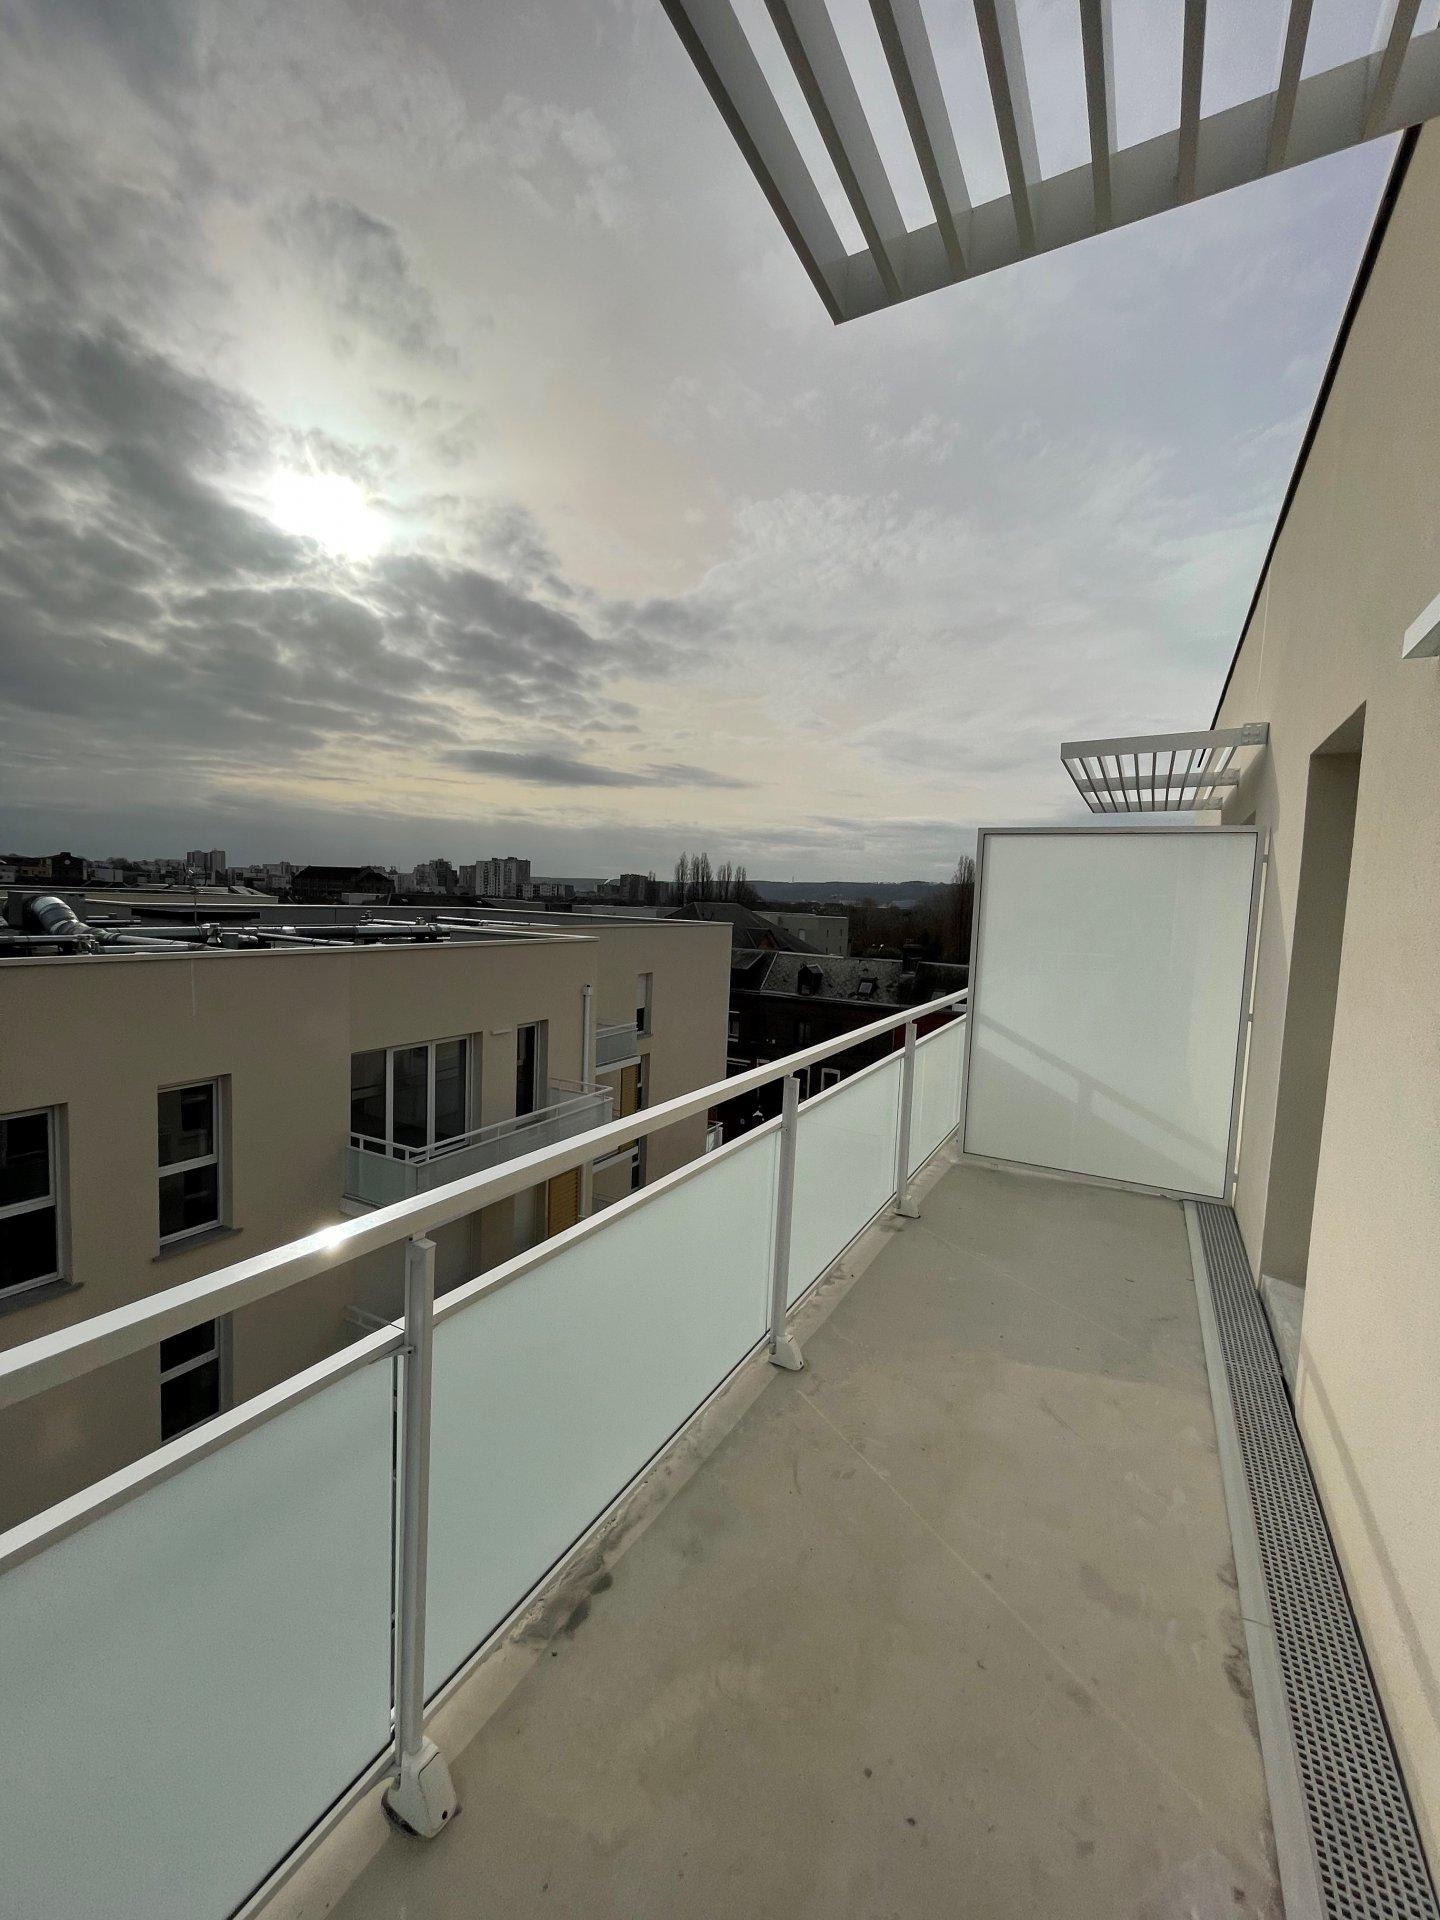 Rés. neuve BEL AMI - T3 avec balcon et parking - limite ROUEN